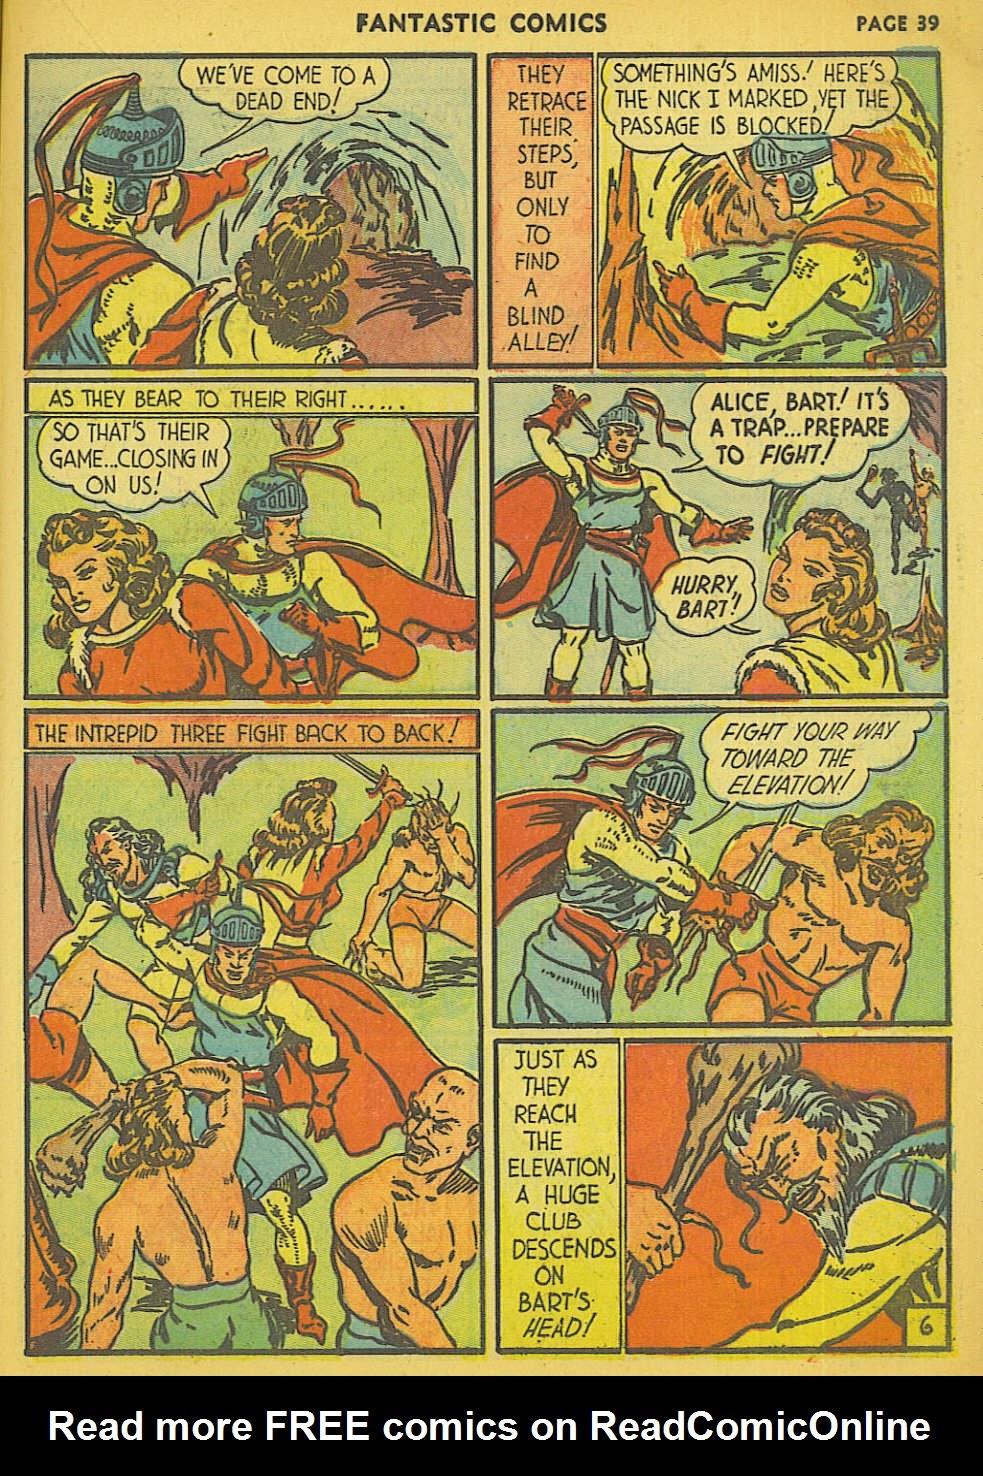 Read online Fantastic Comics comic -  Issue #15 - 32